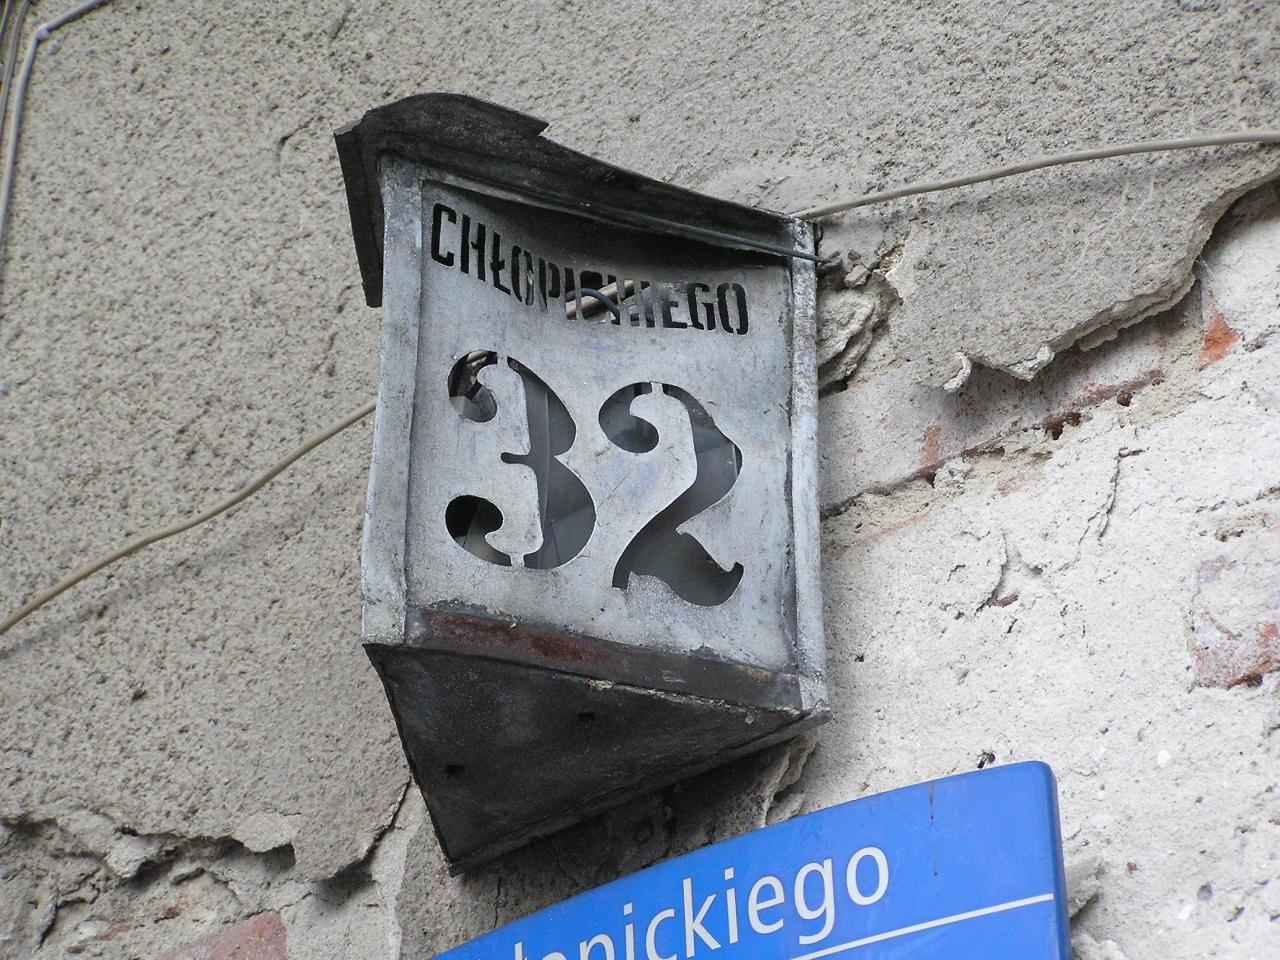 Latarenka adresowa - Chłopickiego 32